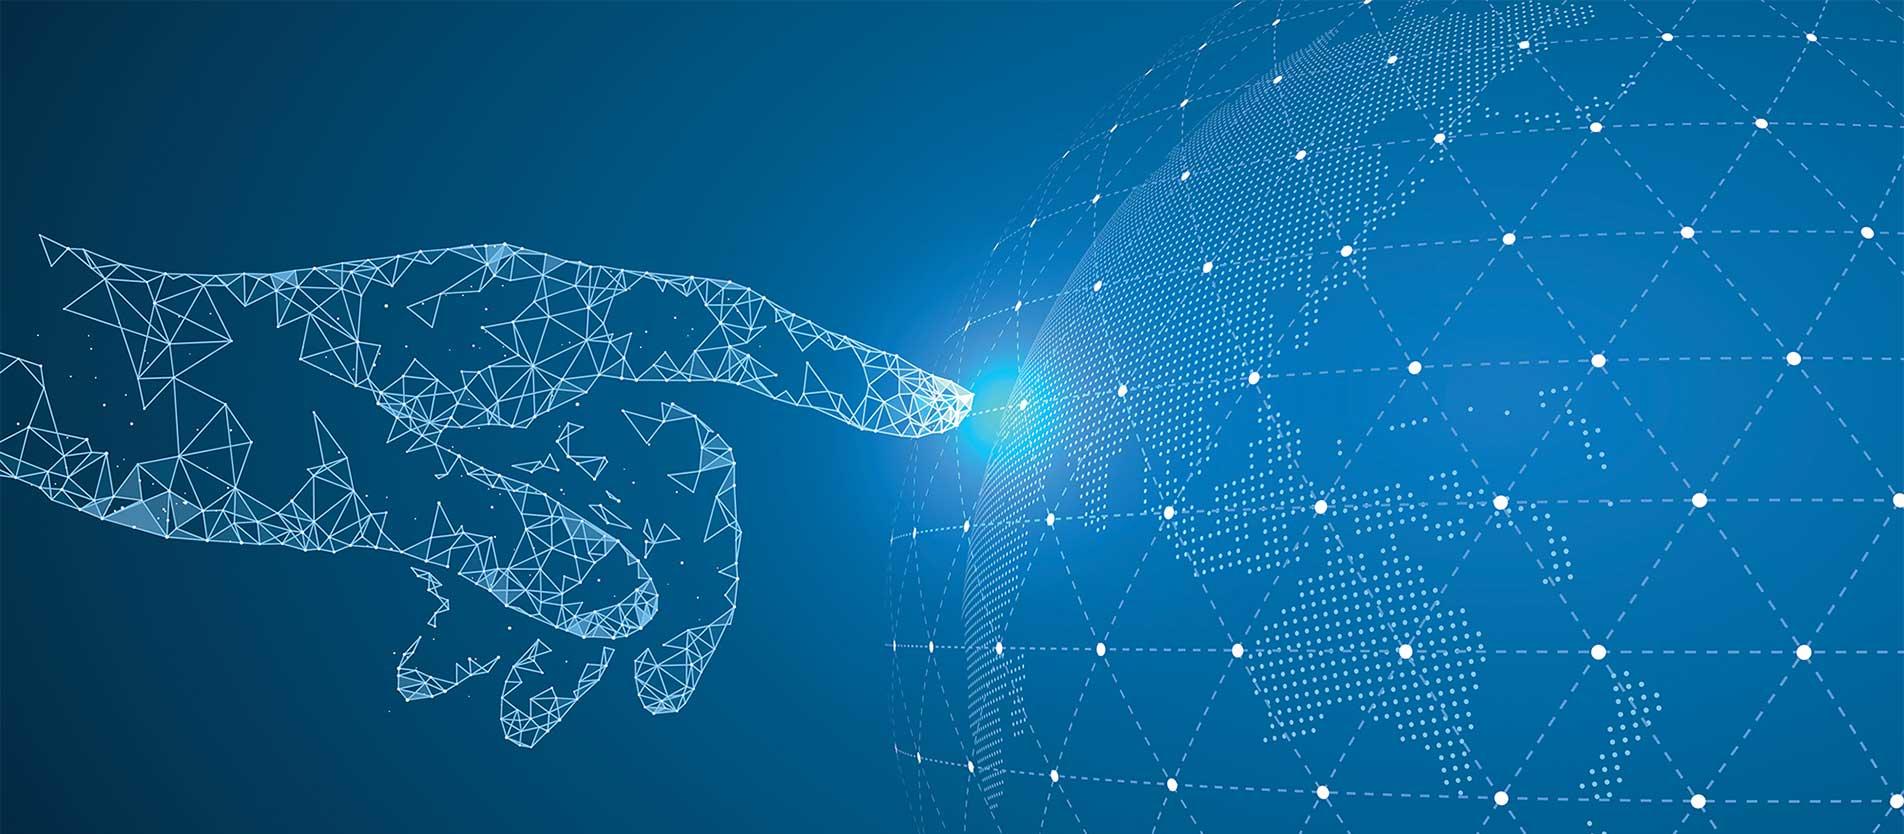 Top Ten Best Digital Investment Ideas 2020